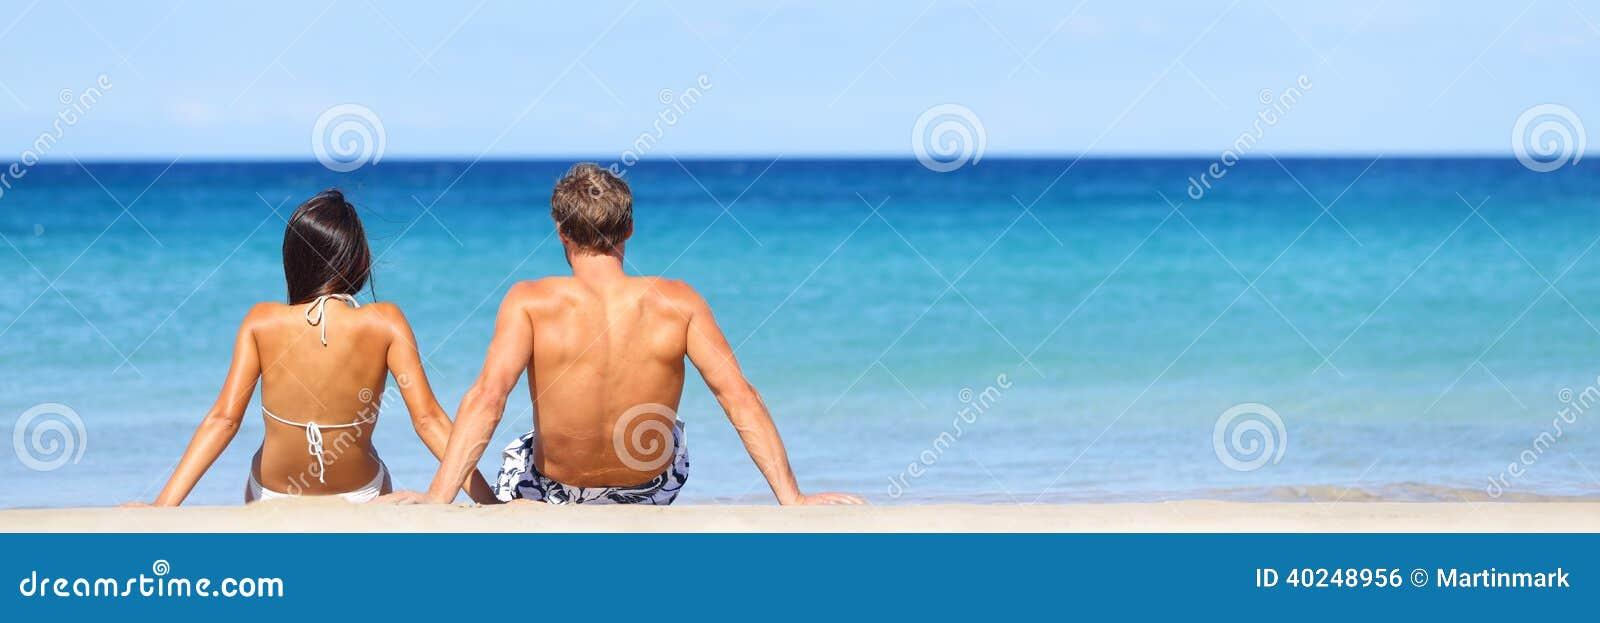 海滩旅行横幅-浪漫夫妇放松